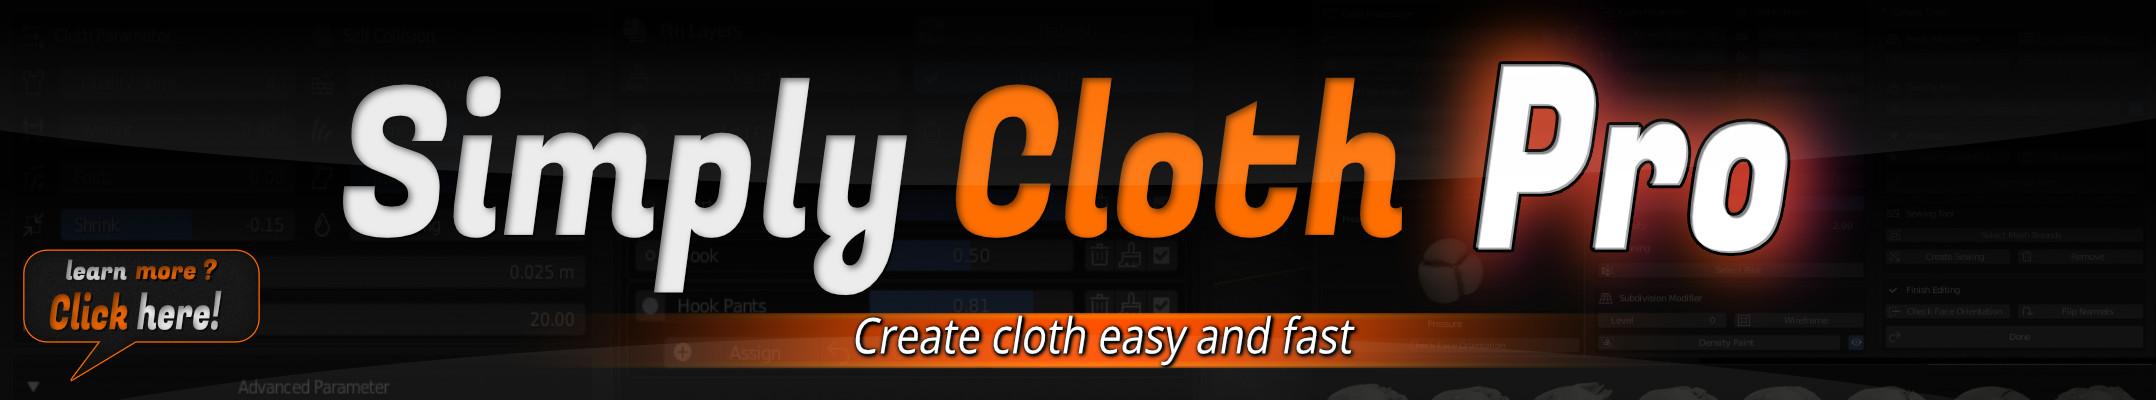 SimplyClothPro_BlenderArtists_Banner